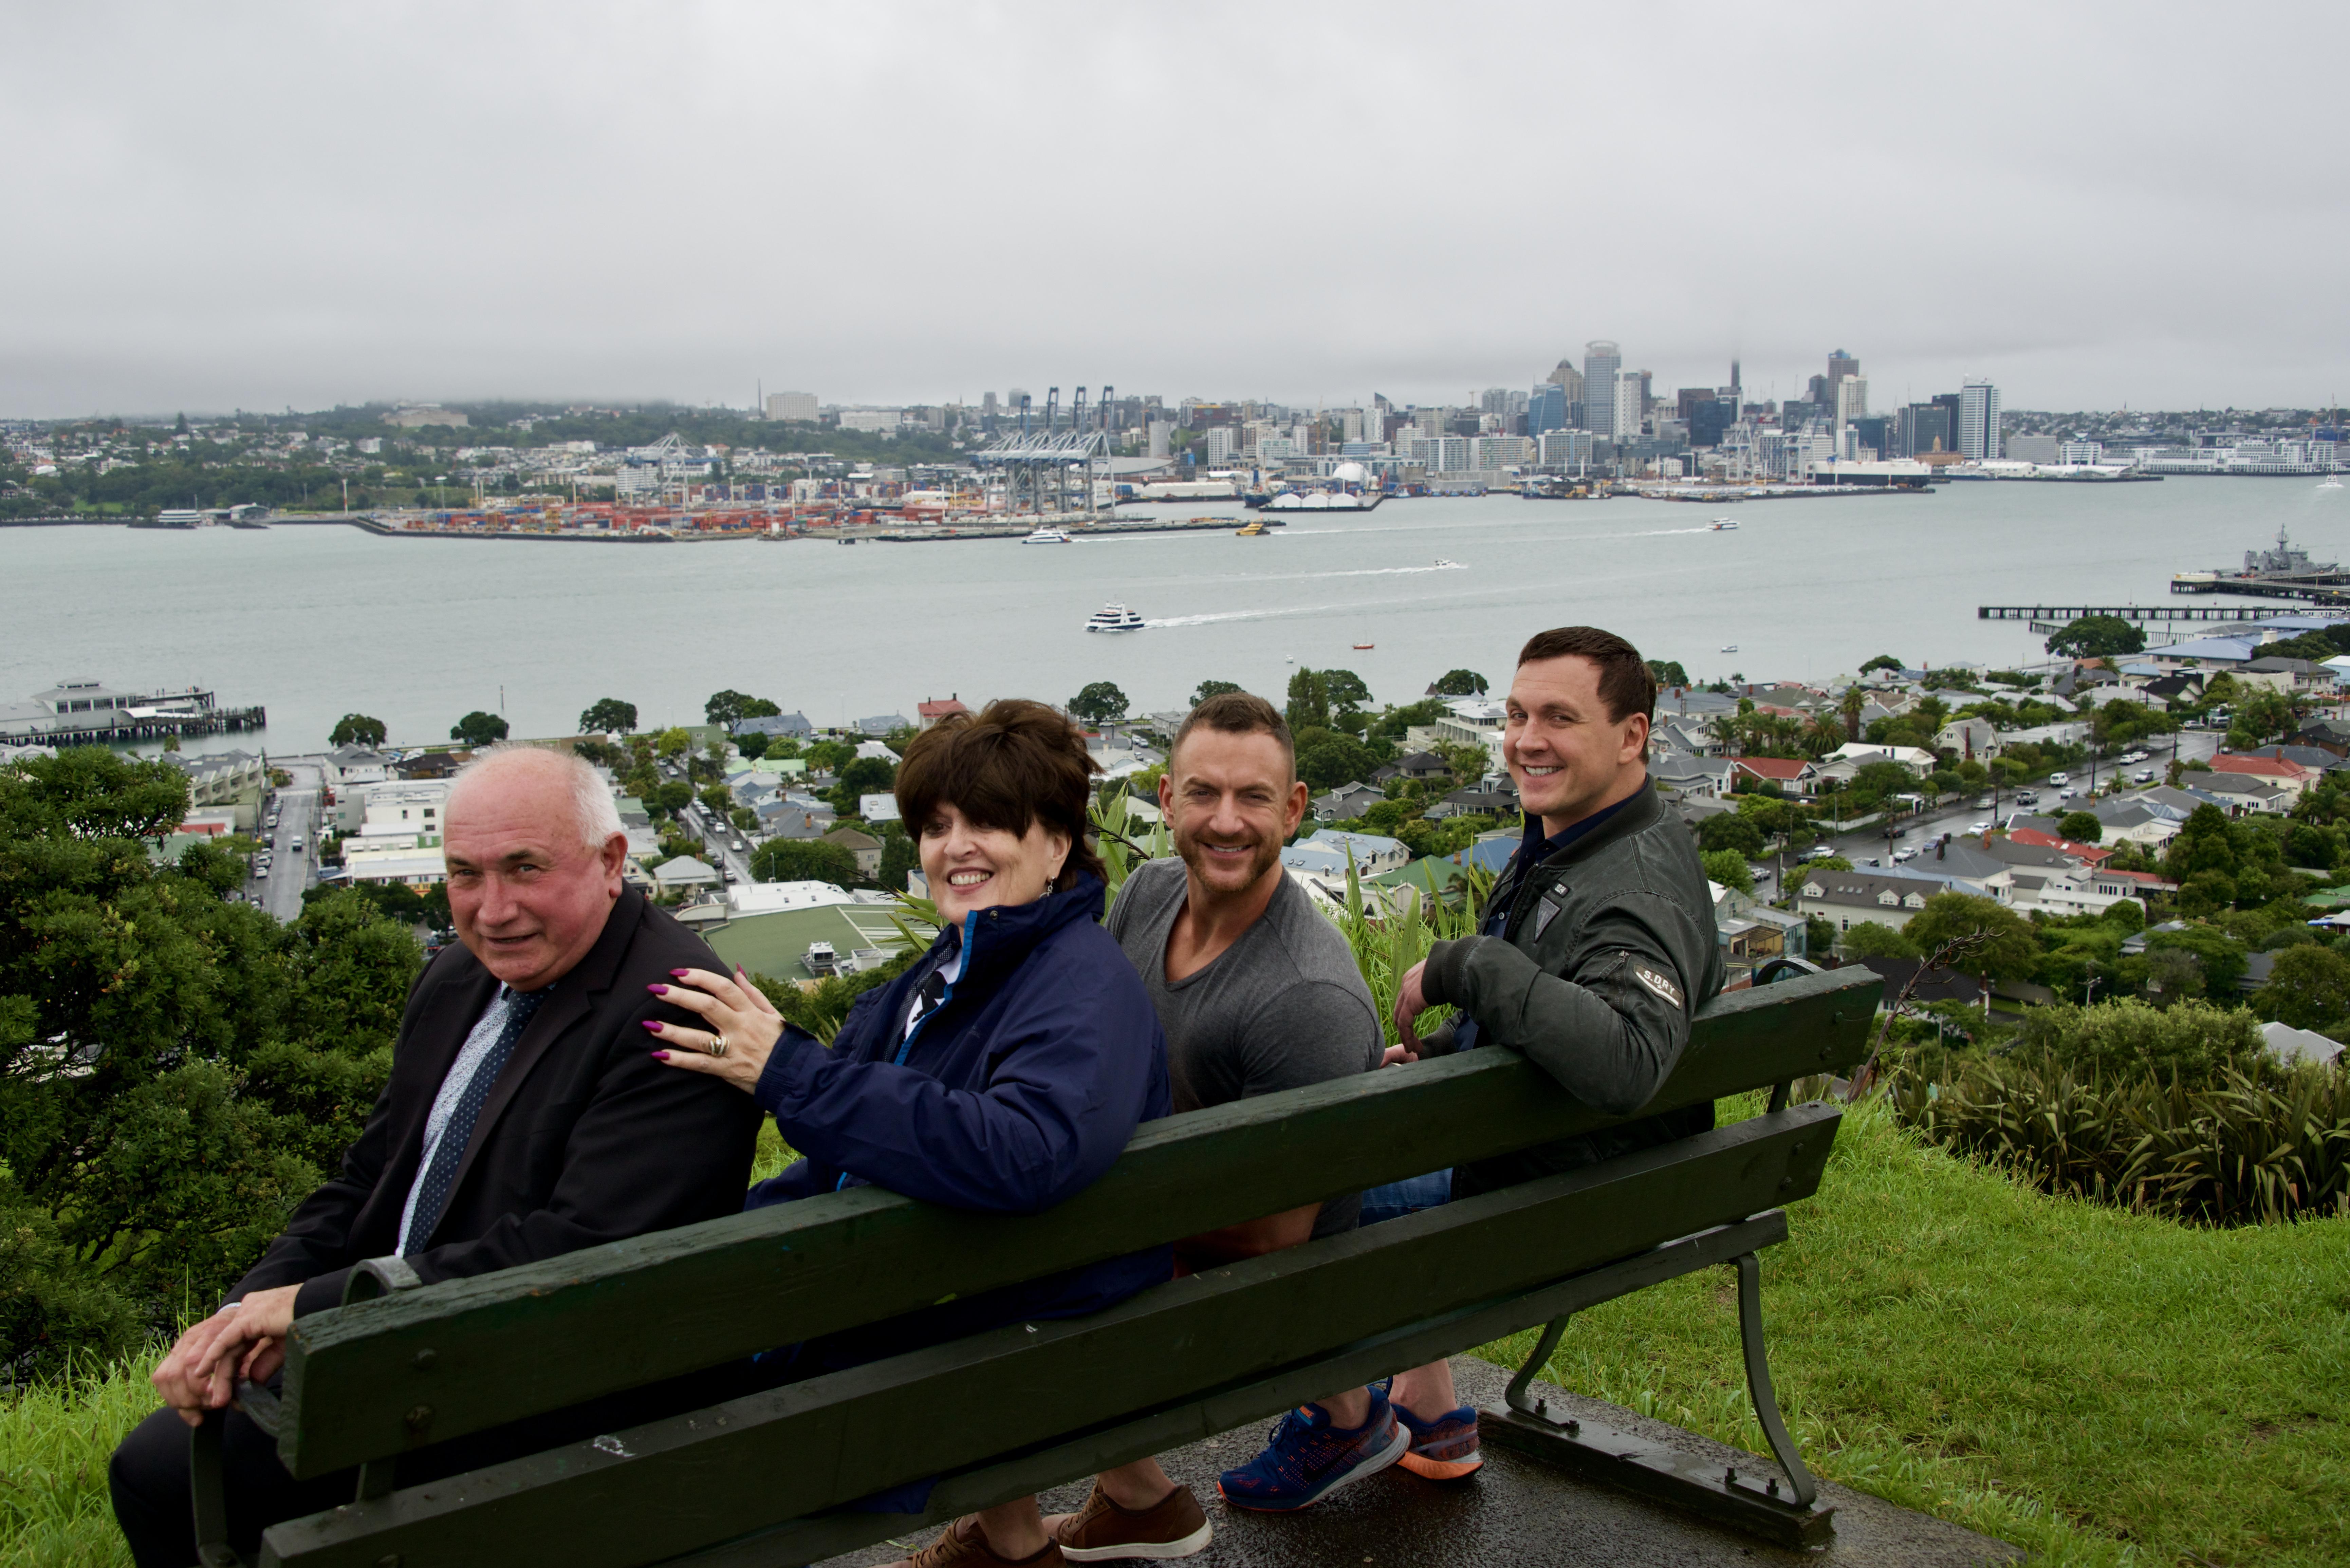 Drive John, Diana, Paul & David